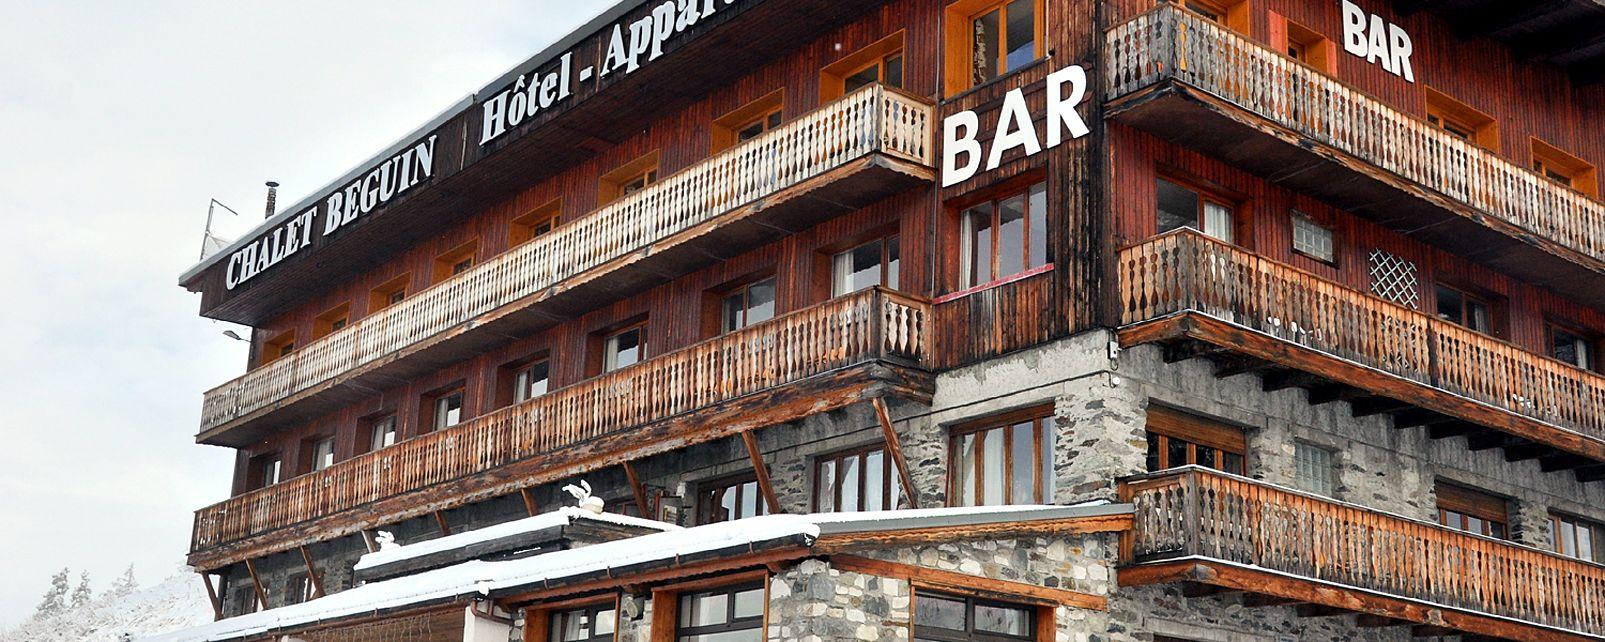 Hotel Chalet Beguin